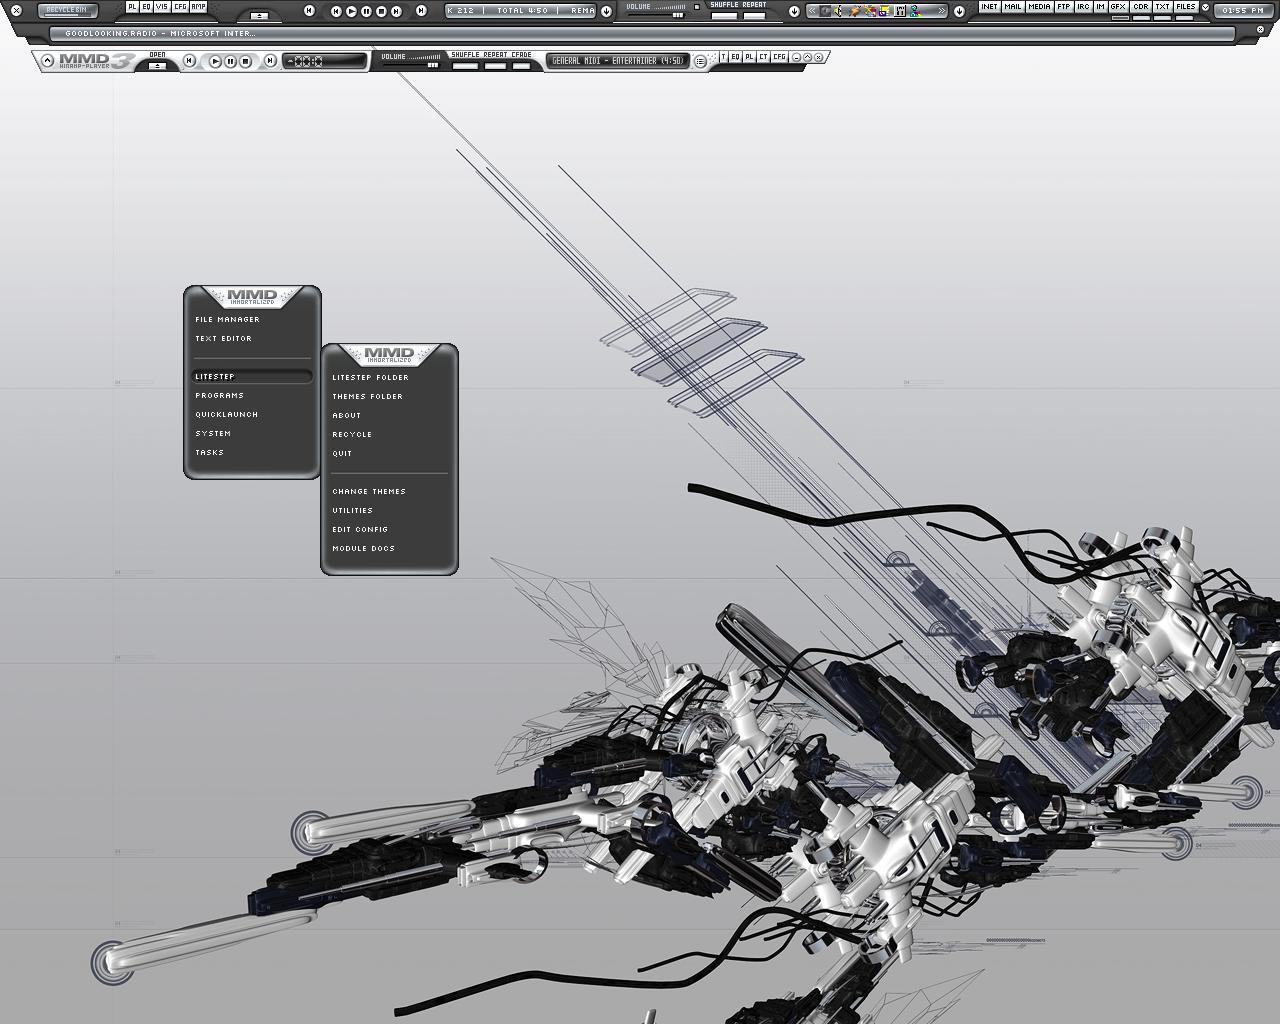 deviantart com fs5 i 2004 311 3 7 mmd desktop 1 03 by rayvinazn jpg